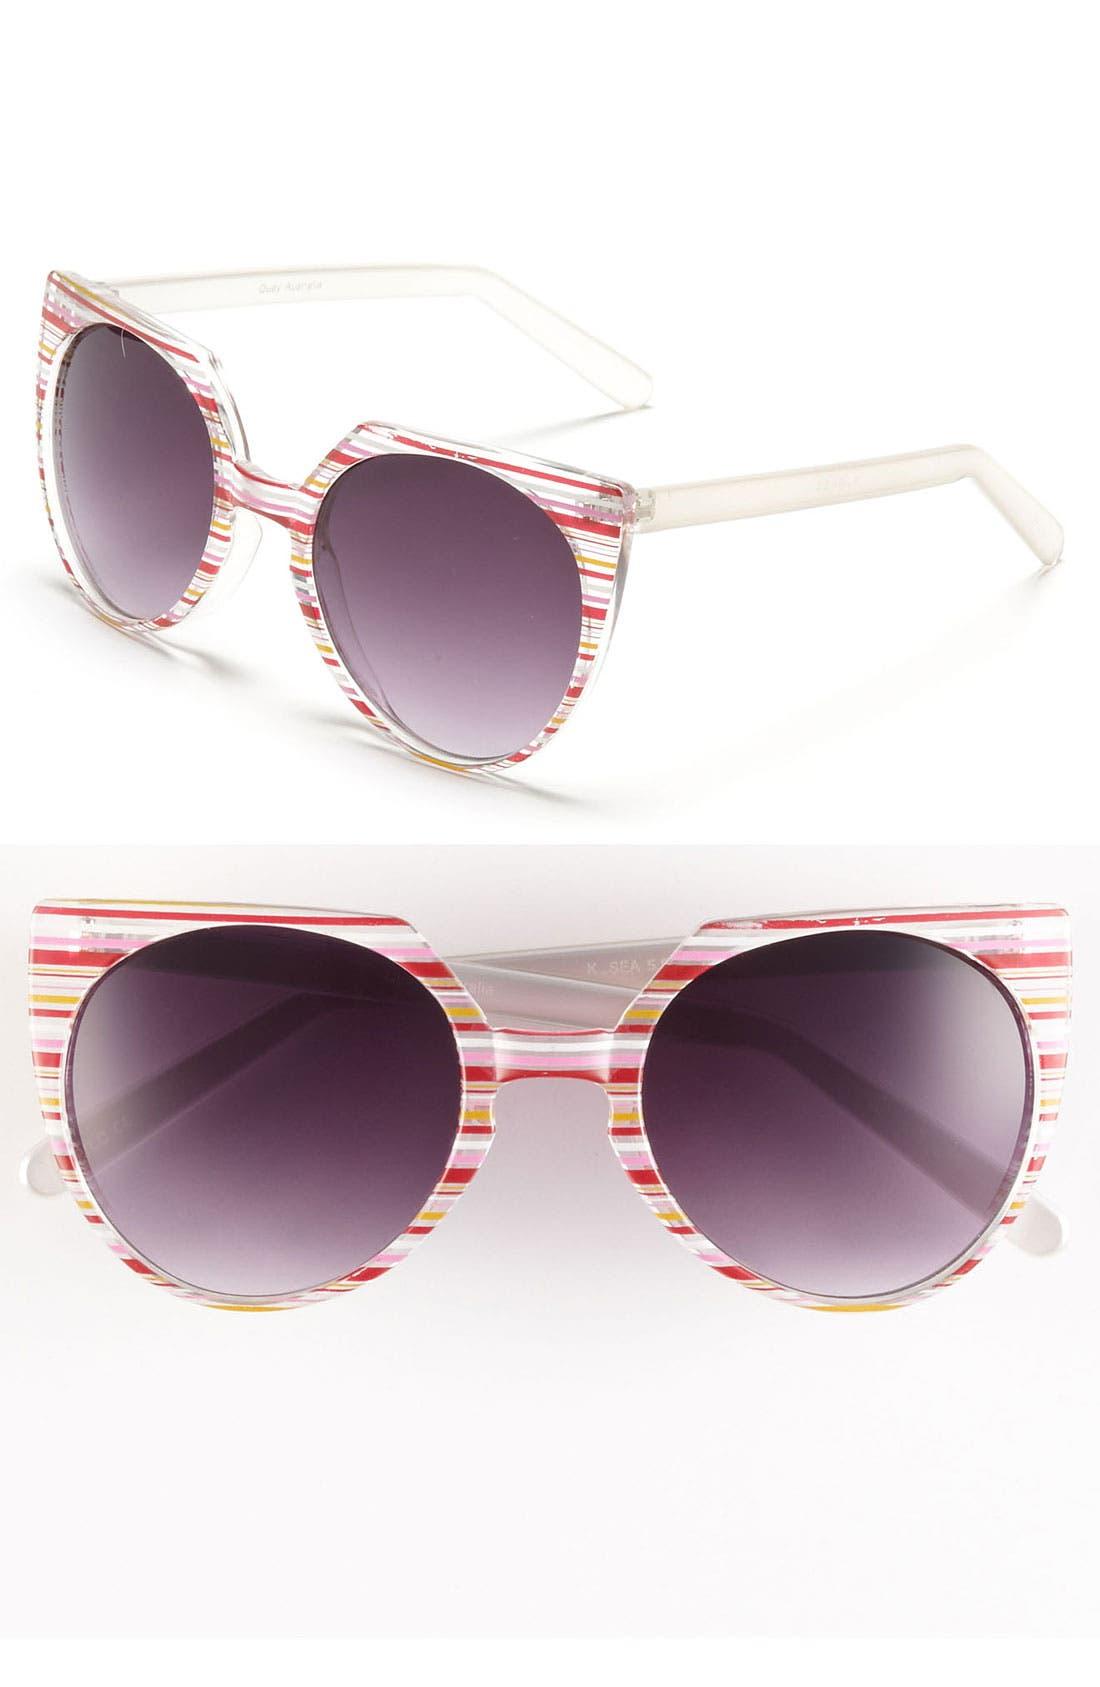 Quay Retro Sunglasses,                         Main,                         color, Red